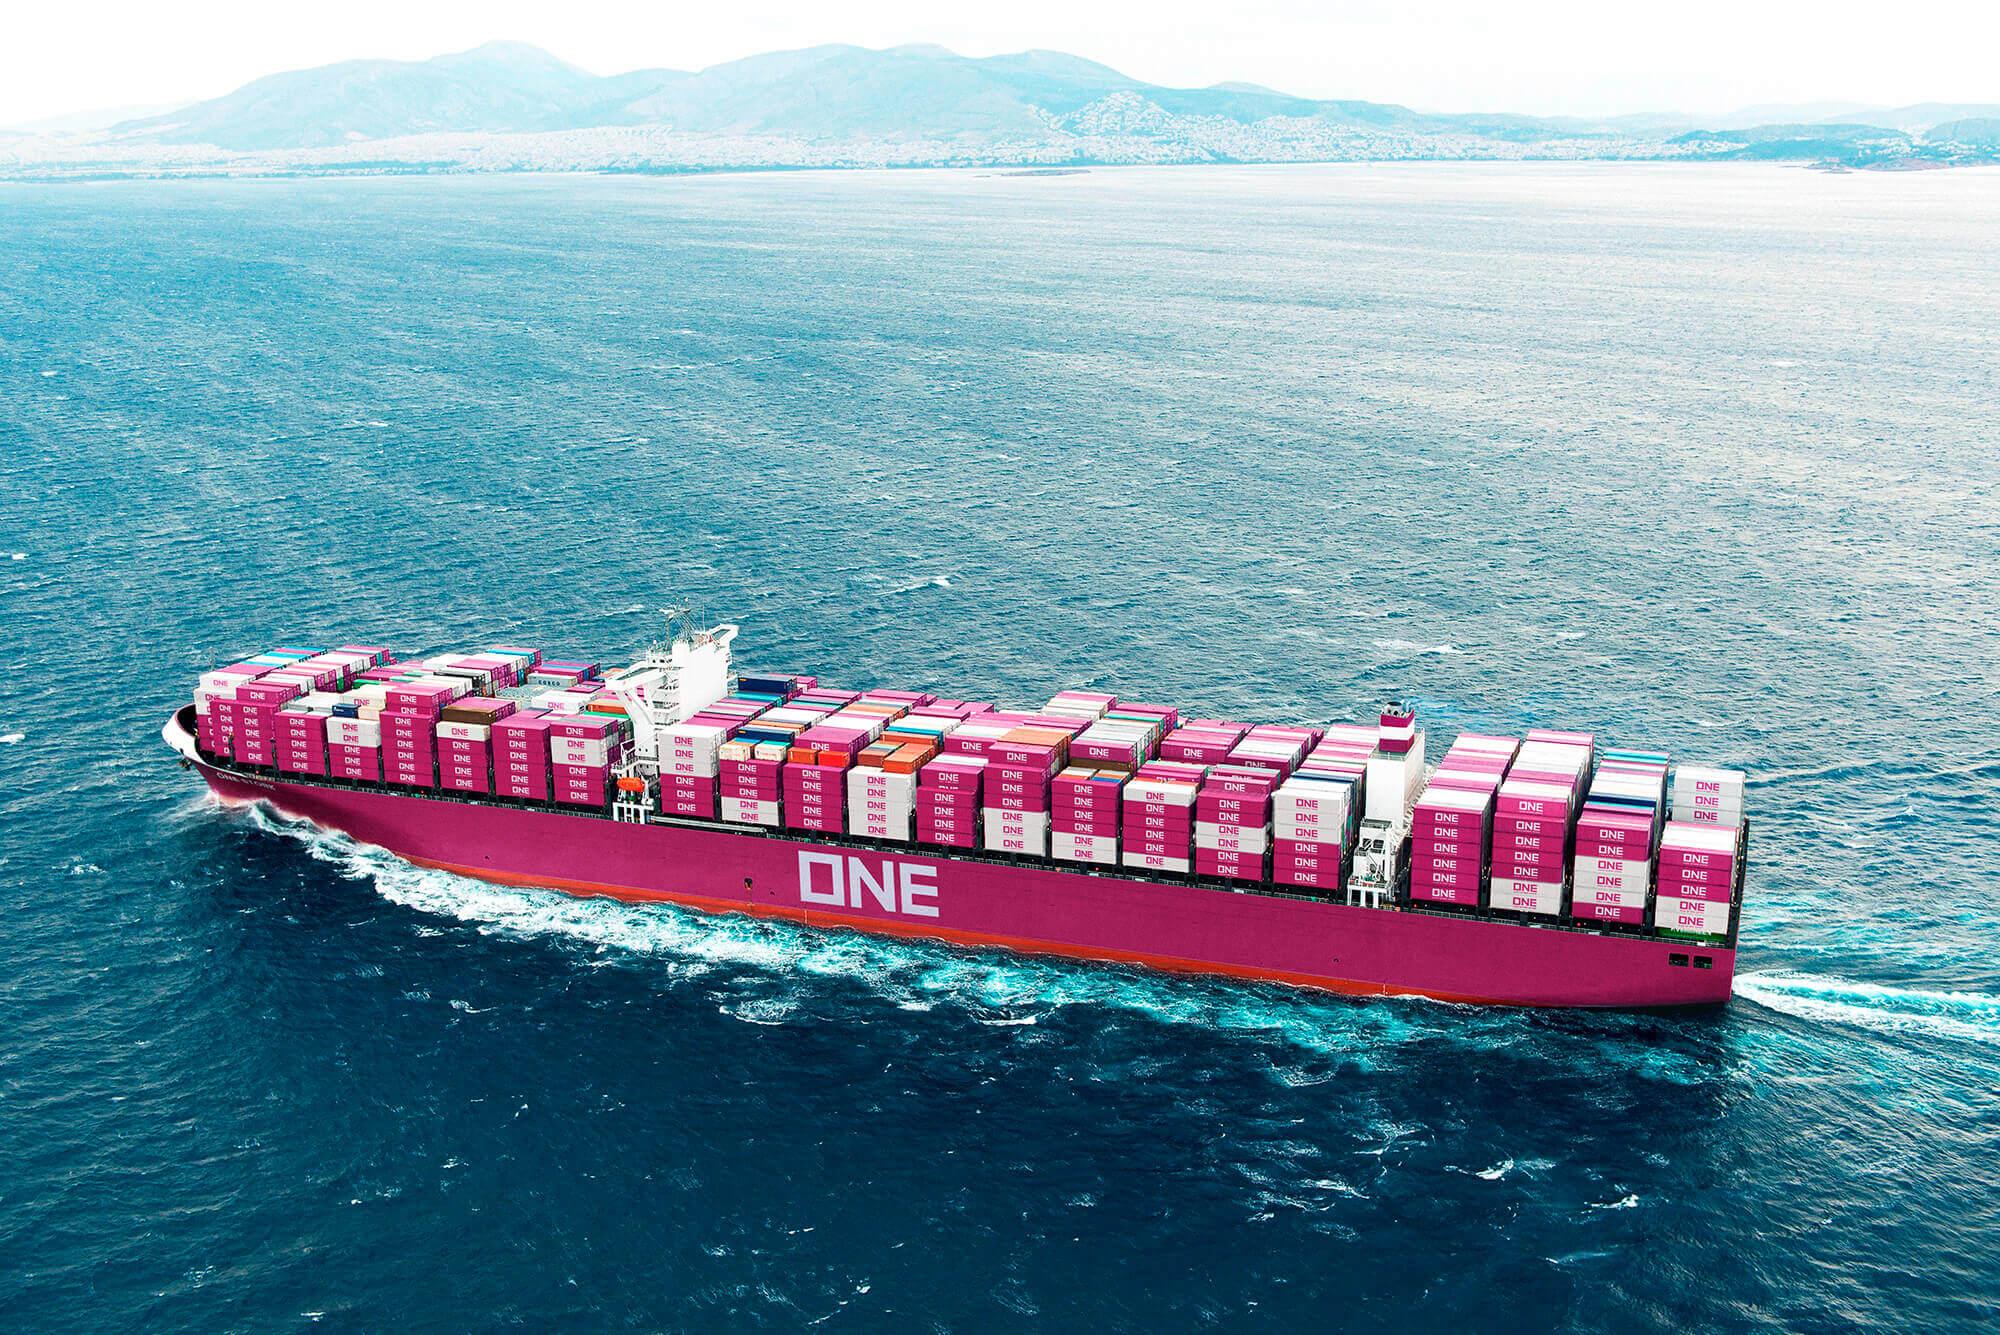 ONE elige combustible bajo en azufre para cumplir con nuevas reglas medioambientales de la OMI